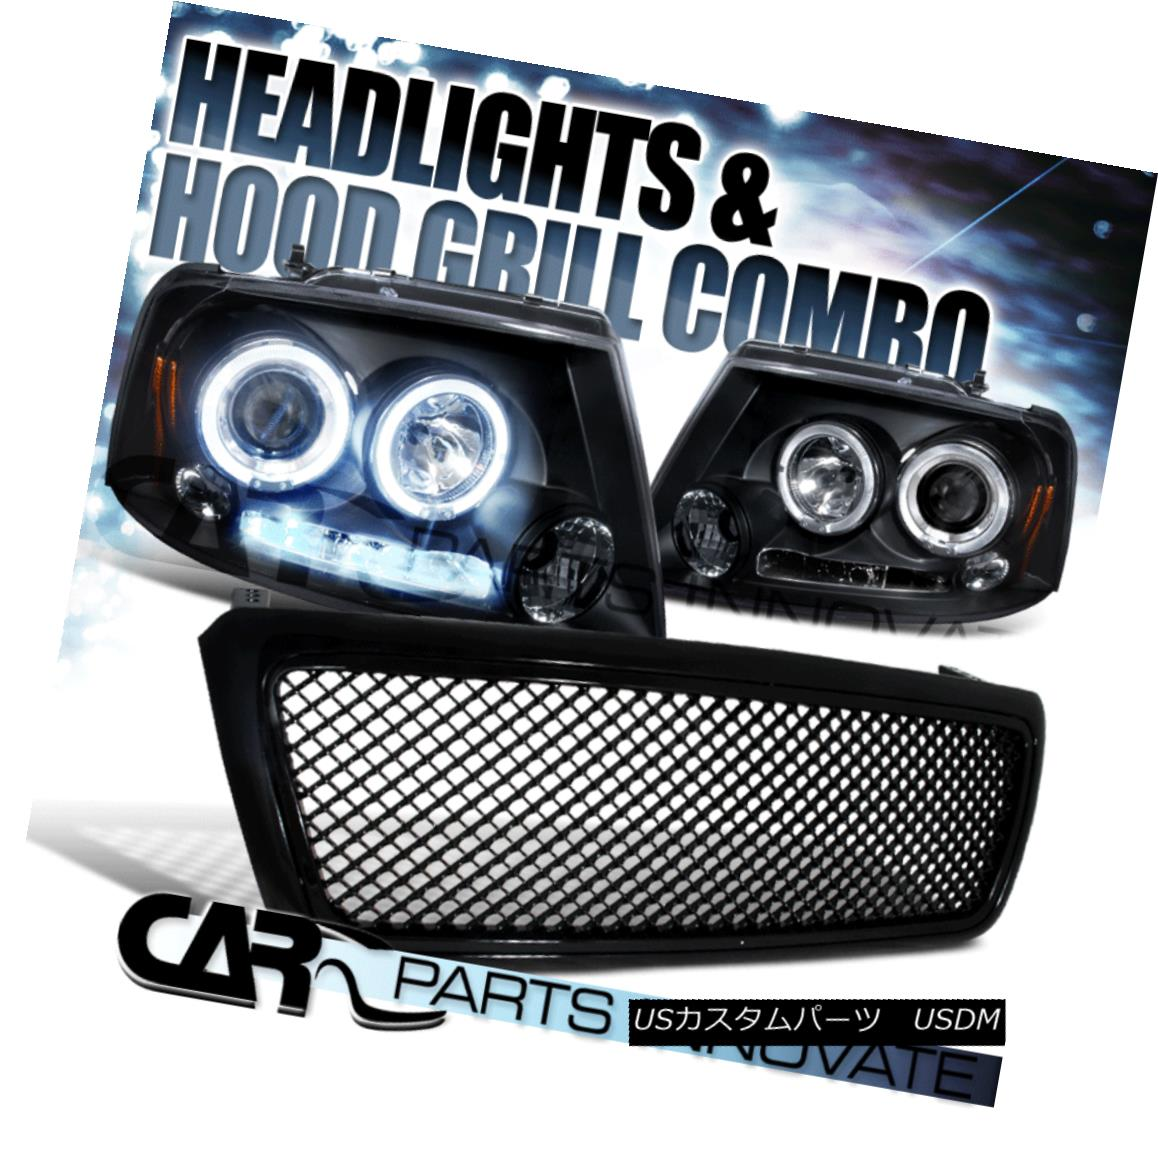 グリル 2004-2008 F150 Black Halo LED Projector Headlights+ABS Mesh Hood Grille 2004-2008 F150ブラックハローLEDプロジェクターヘッドライト+ ABSメッシュフードグリル